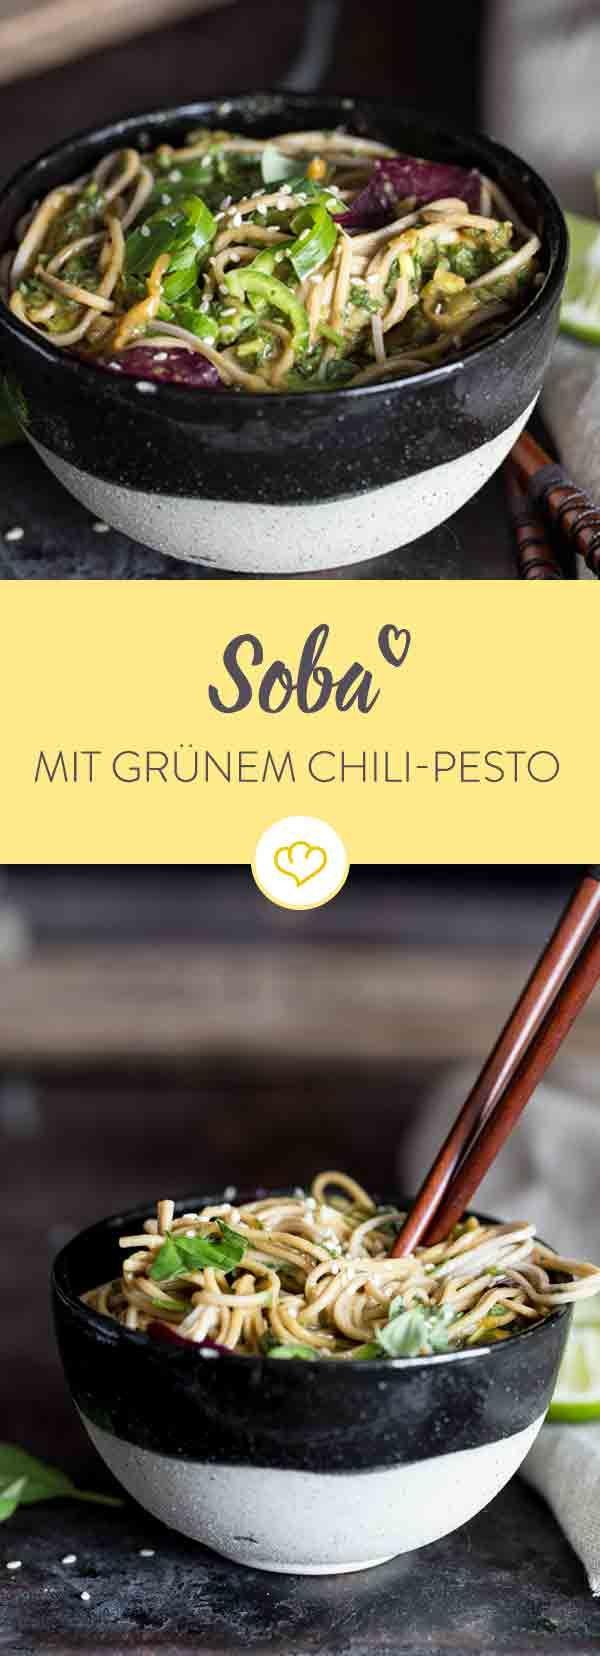 Die japanischen Buchweizennudeln Soba haben es endlich bis zu uns geschafft. Mit dabei: ein Pesto aus grünen Chilischoten, Koriander und Basilikum.